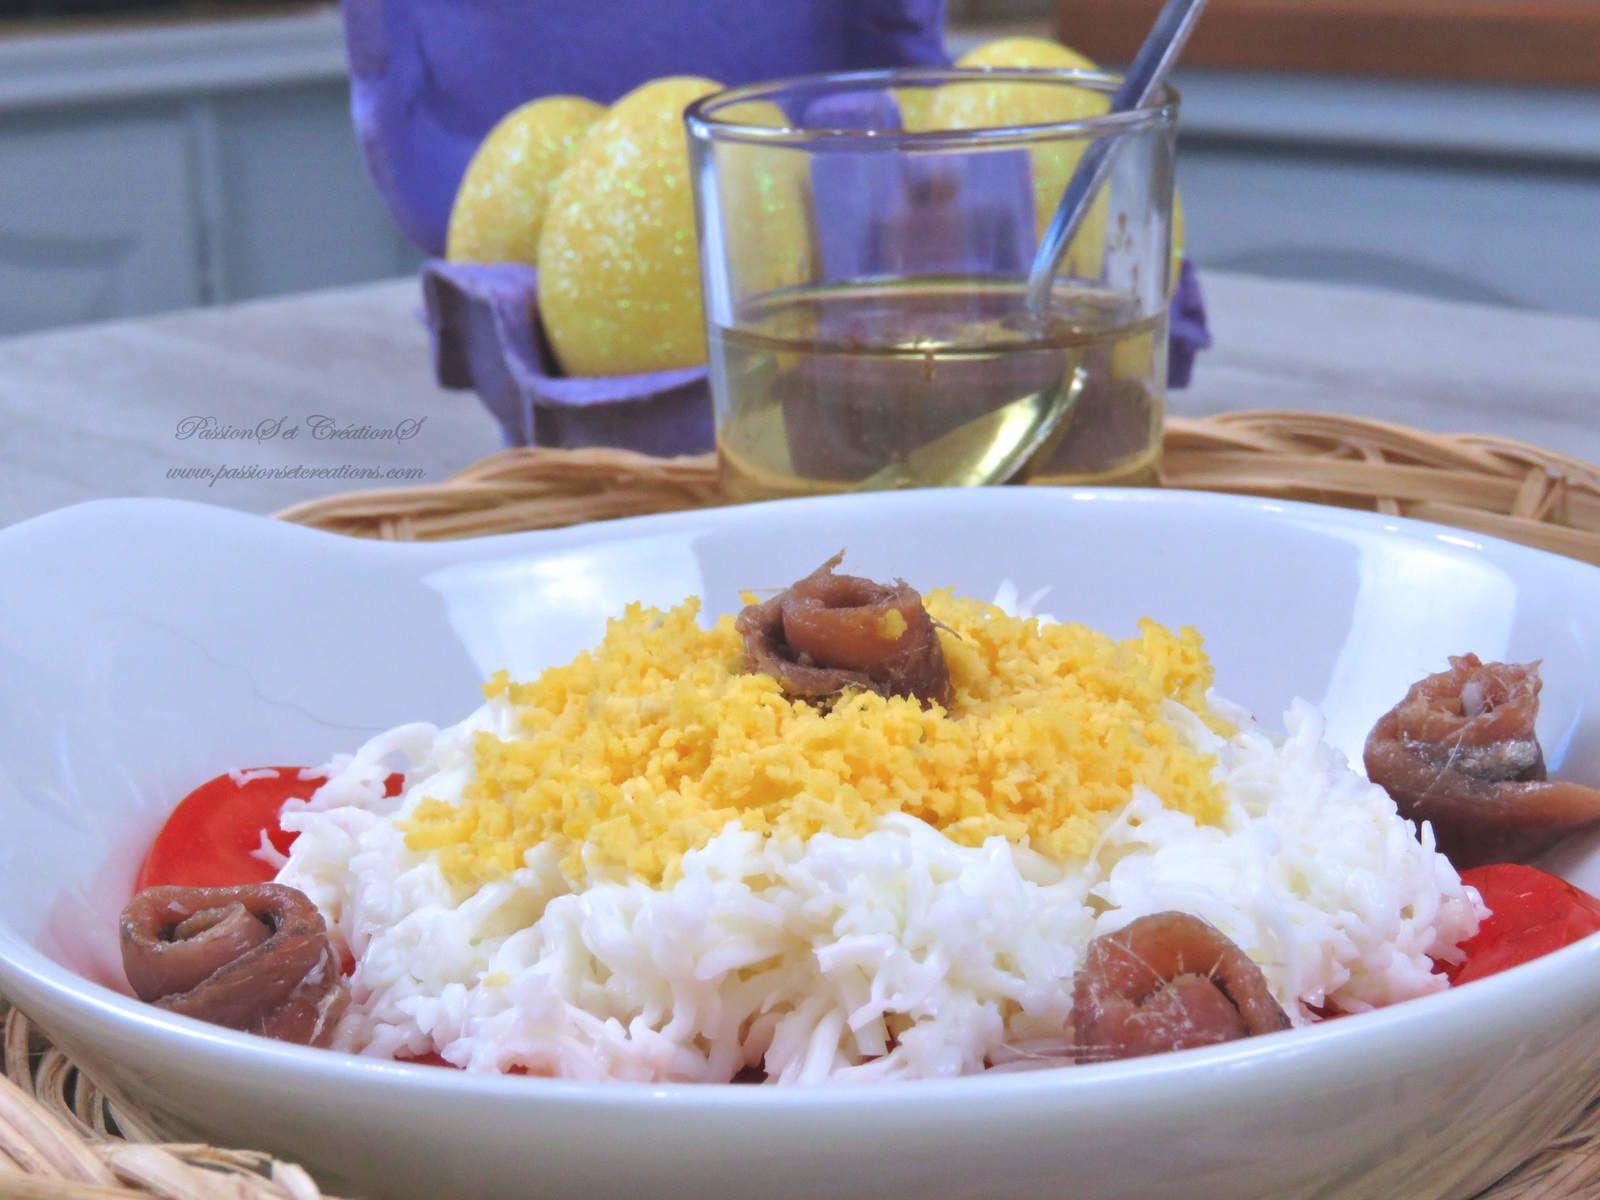 Recette - Cuisine - 2020 - Pâques - Oeufs - Mimosa - Anchois - Tomate - Vinaigrette - Entrée - Repas